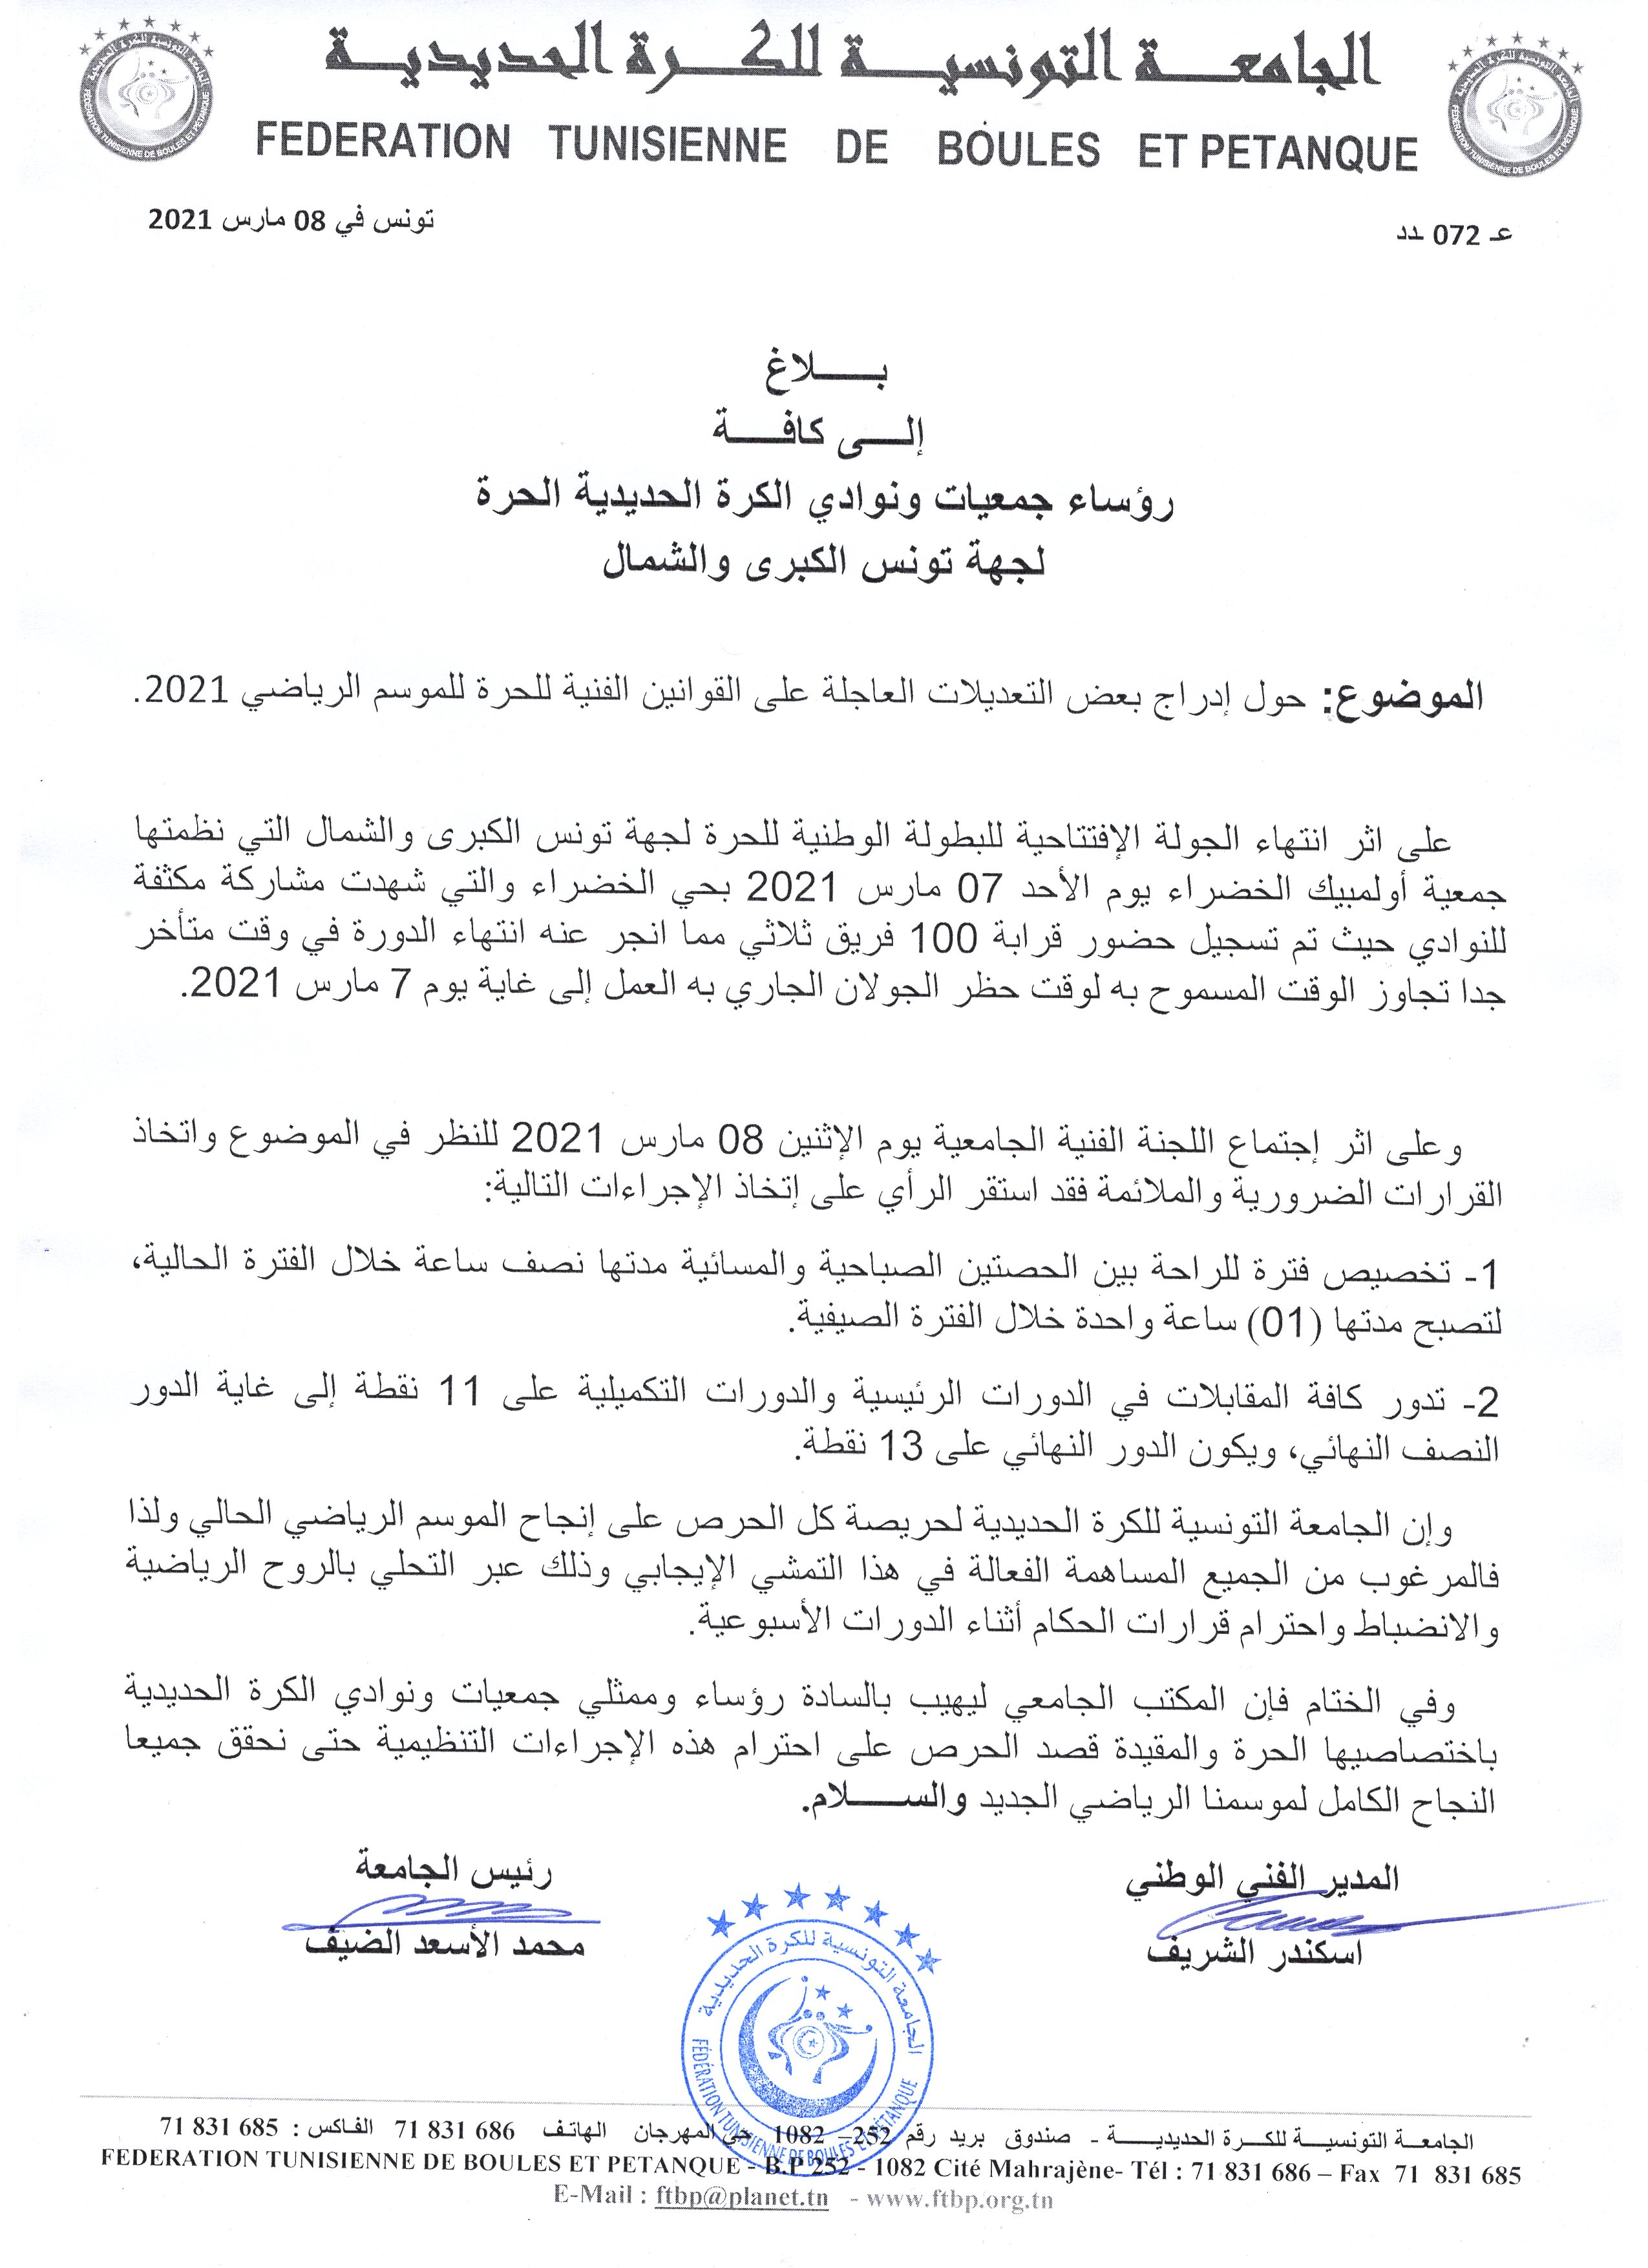 بلاغ تعديلات في القوانين الفنية للحرة 2021